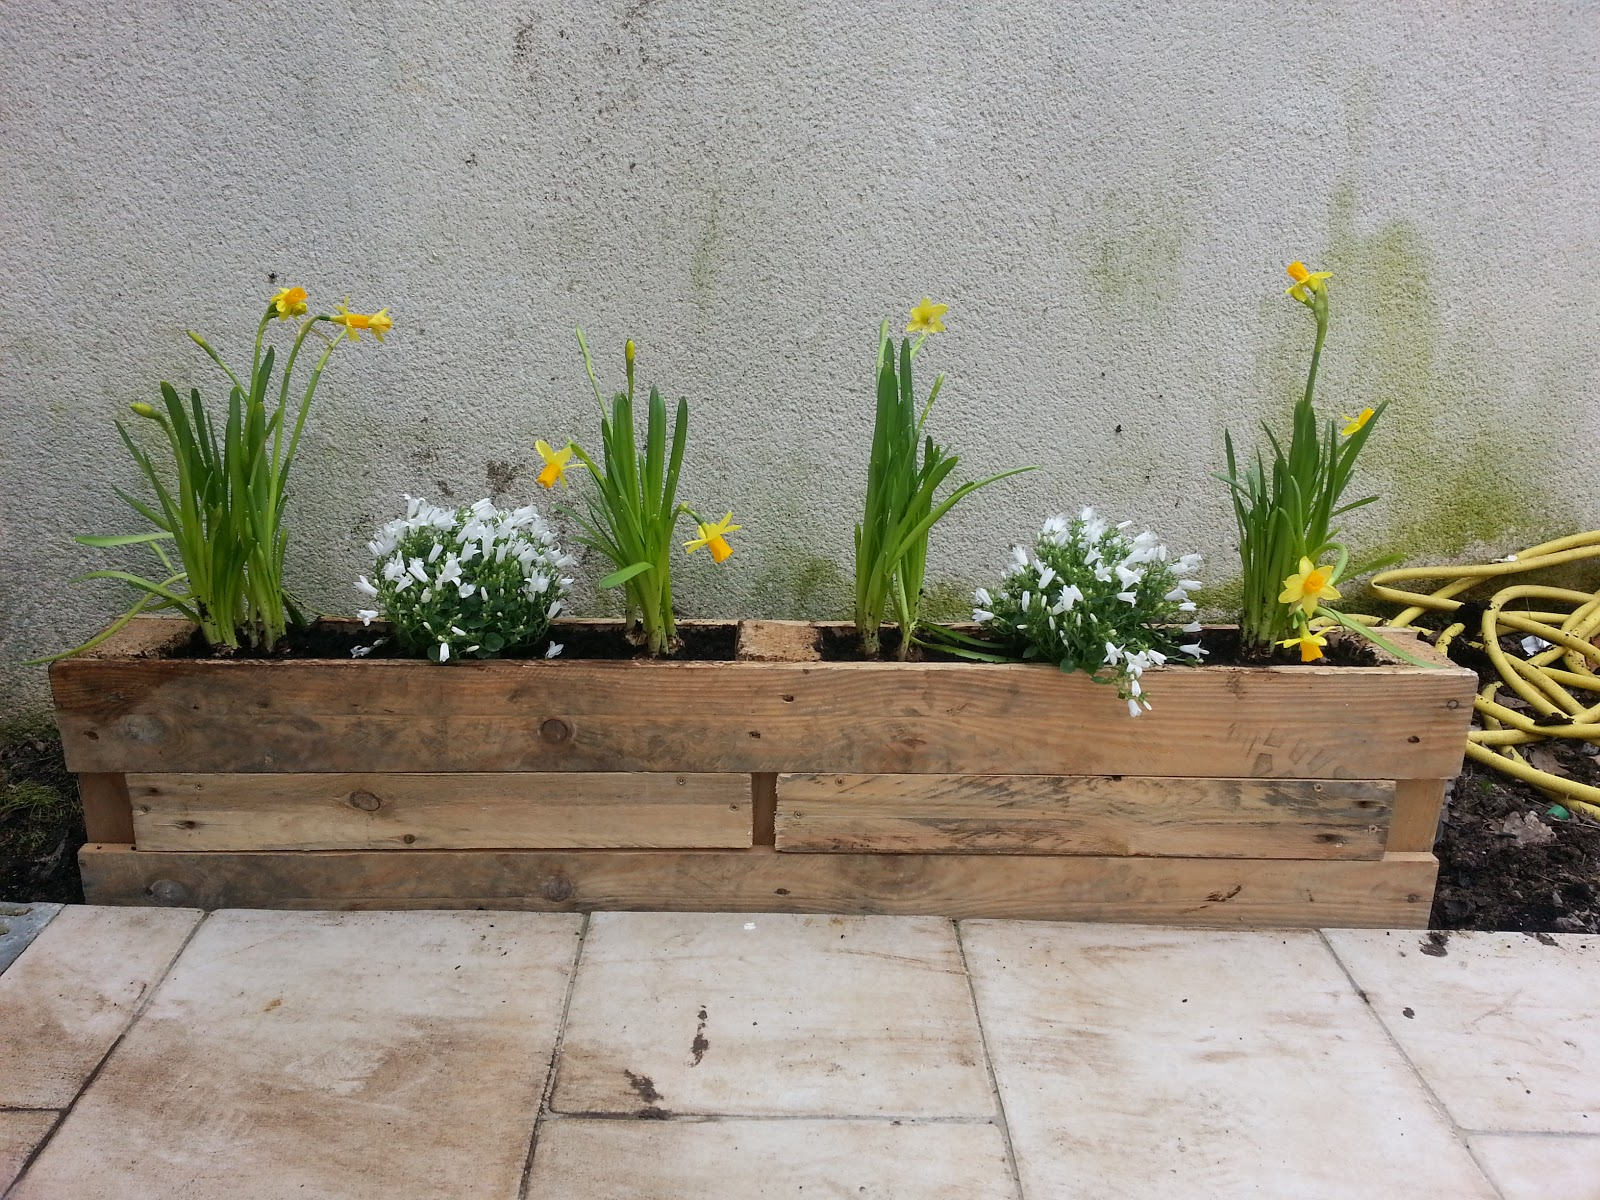 Recycle palette 77 jardiniere - Meuble fabrique avec des palettes ...